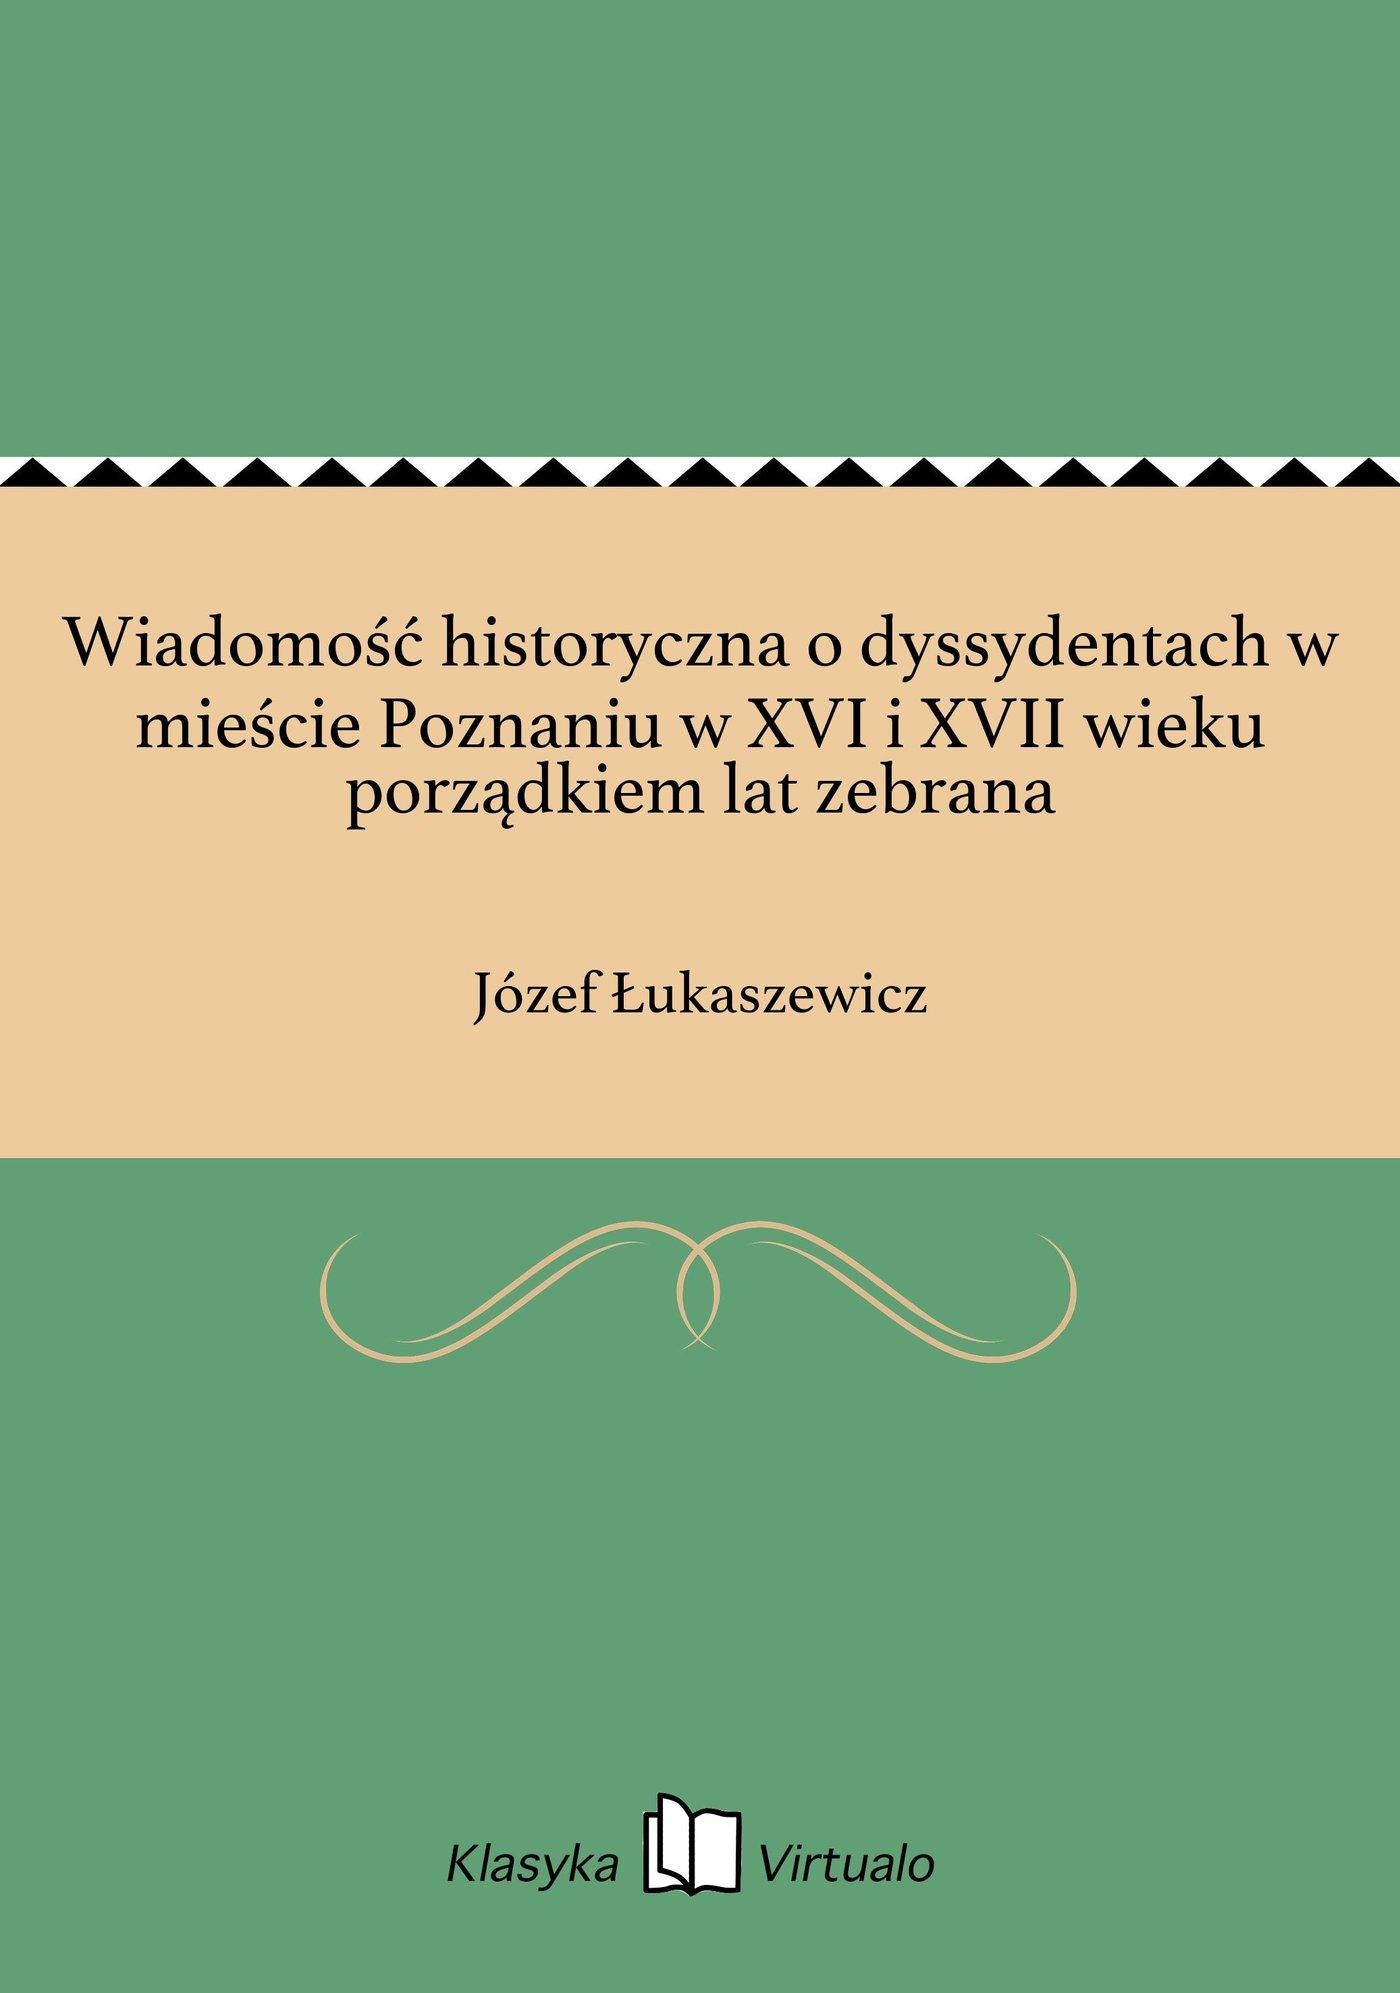 Wiadomość historyczna o dyssydentach w mieście Poznaniu w XVI i XVII wieku porządkiem lat zebrana - Ebook (Książka EPUB) do pobrania w formacie EPUB